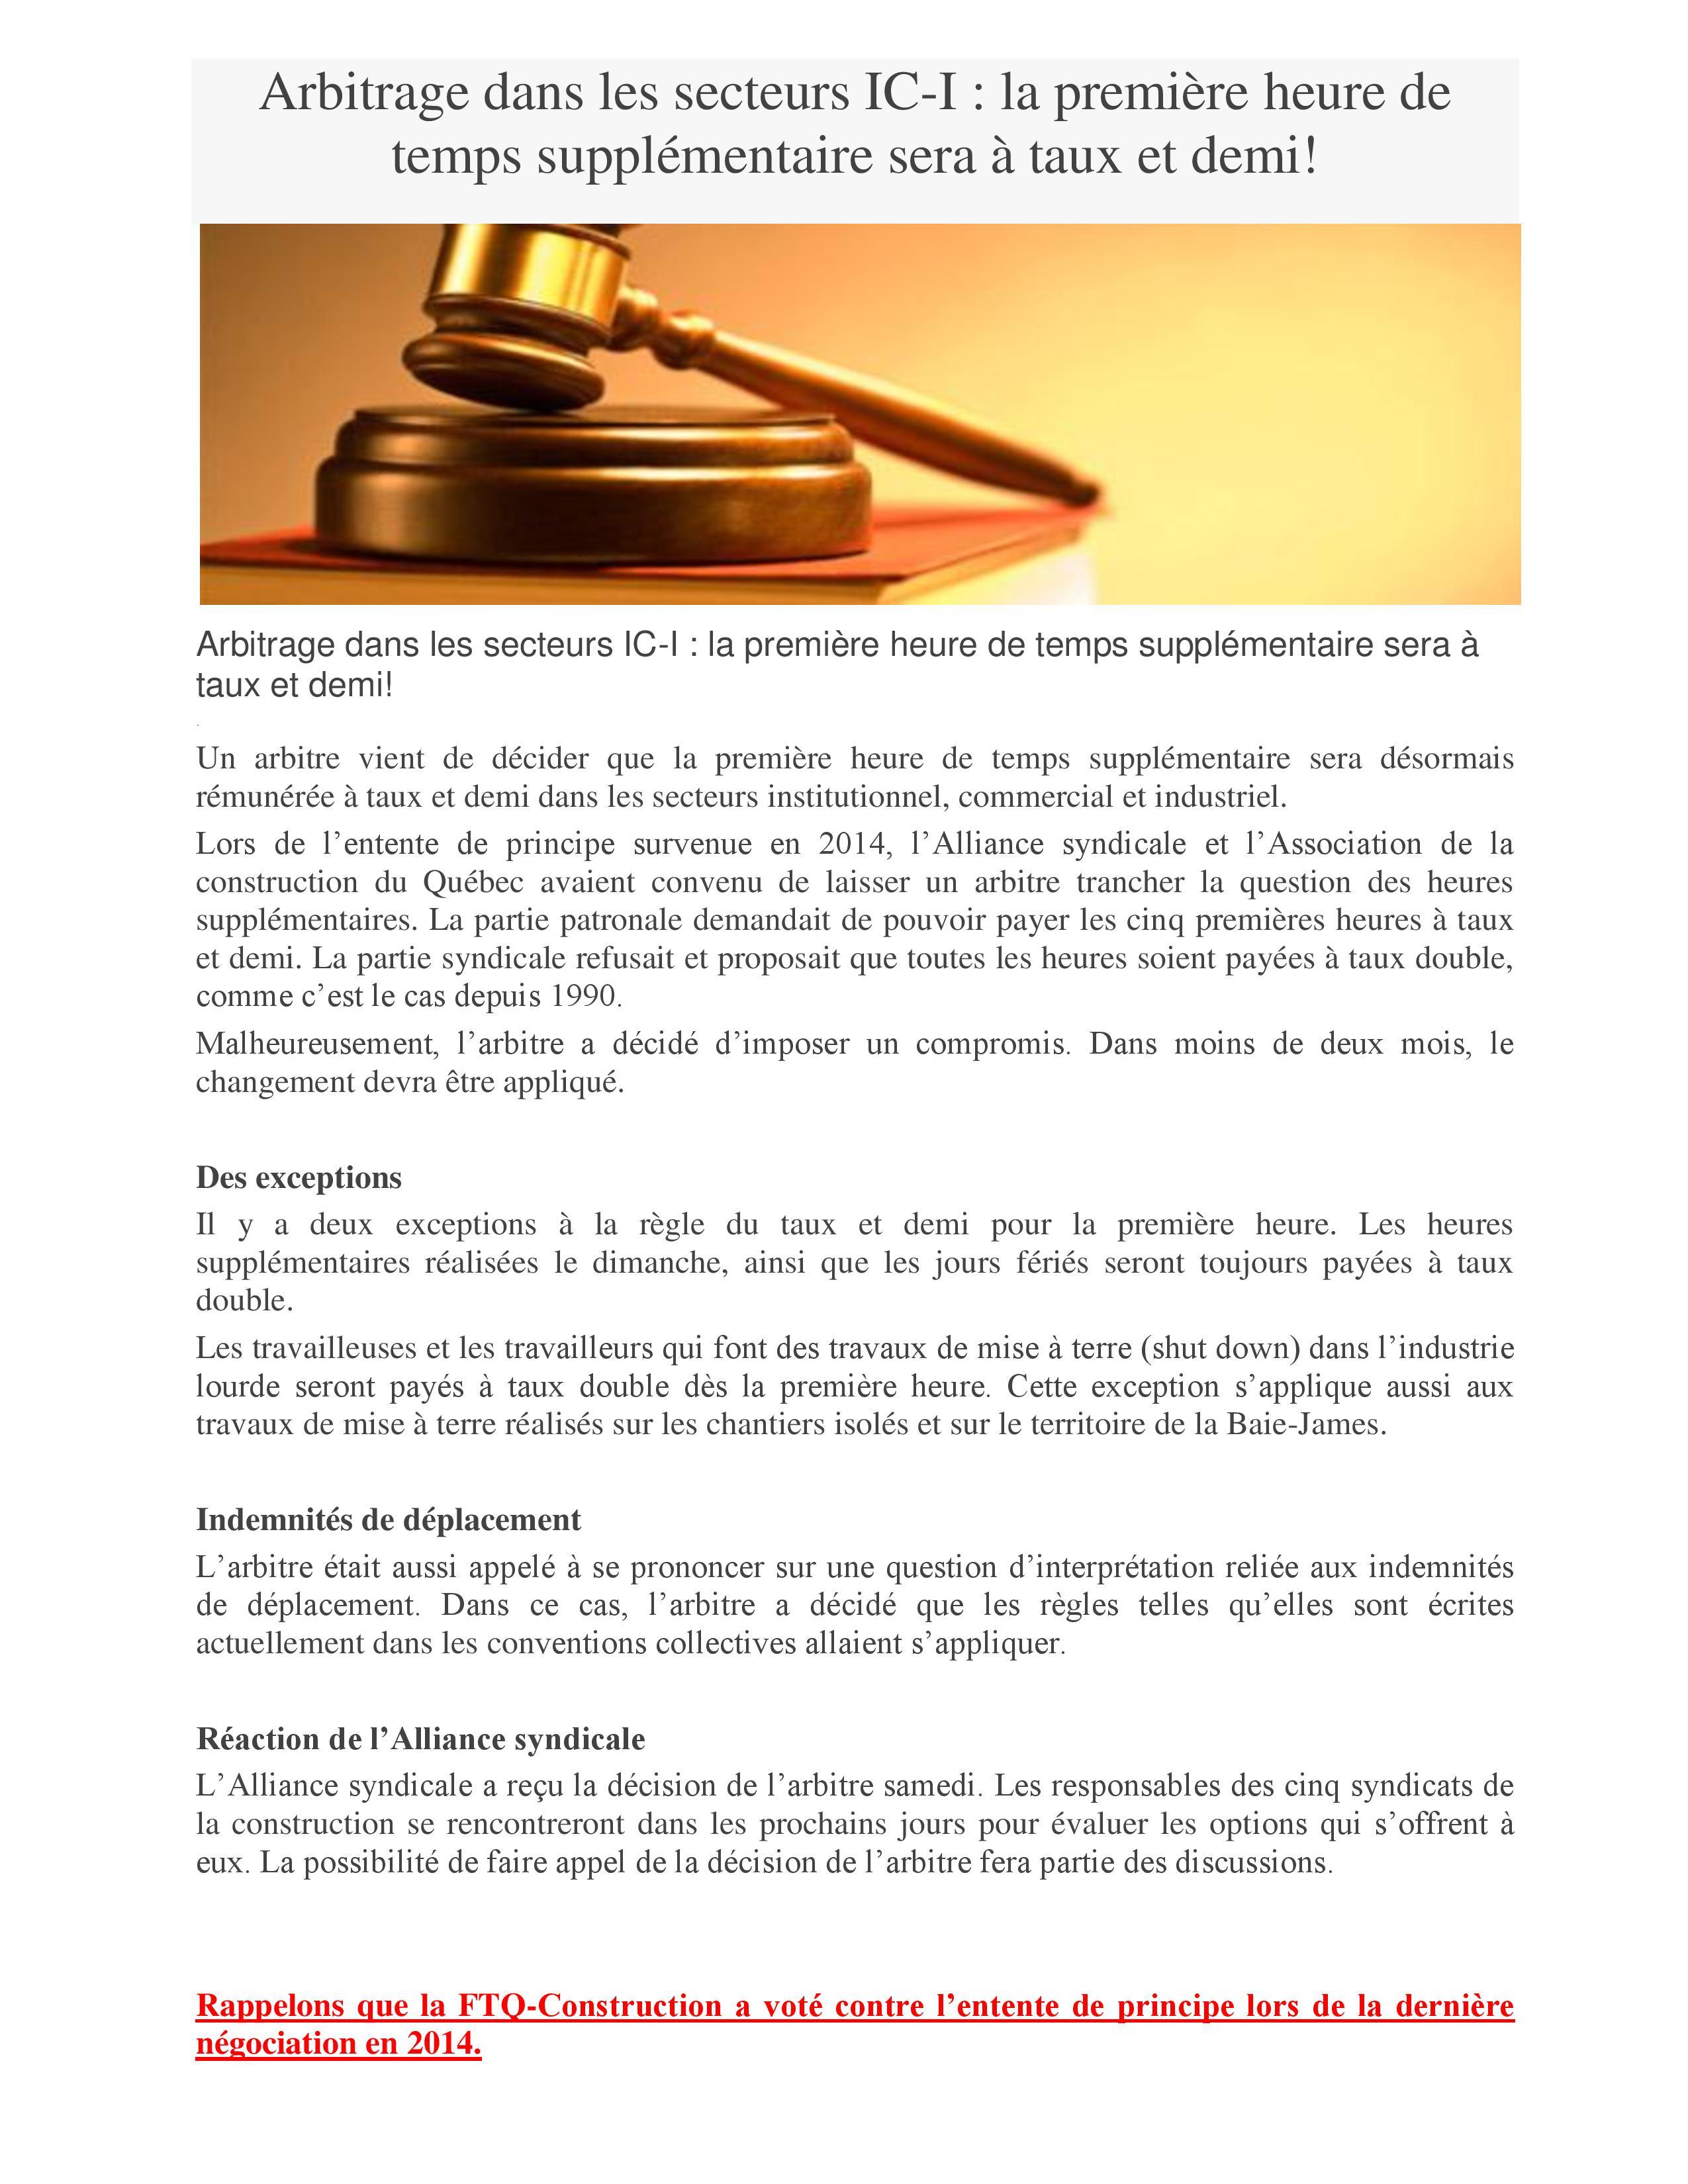 arbitrage-dans-les-secteurs-ici-page-001